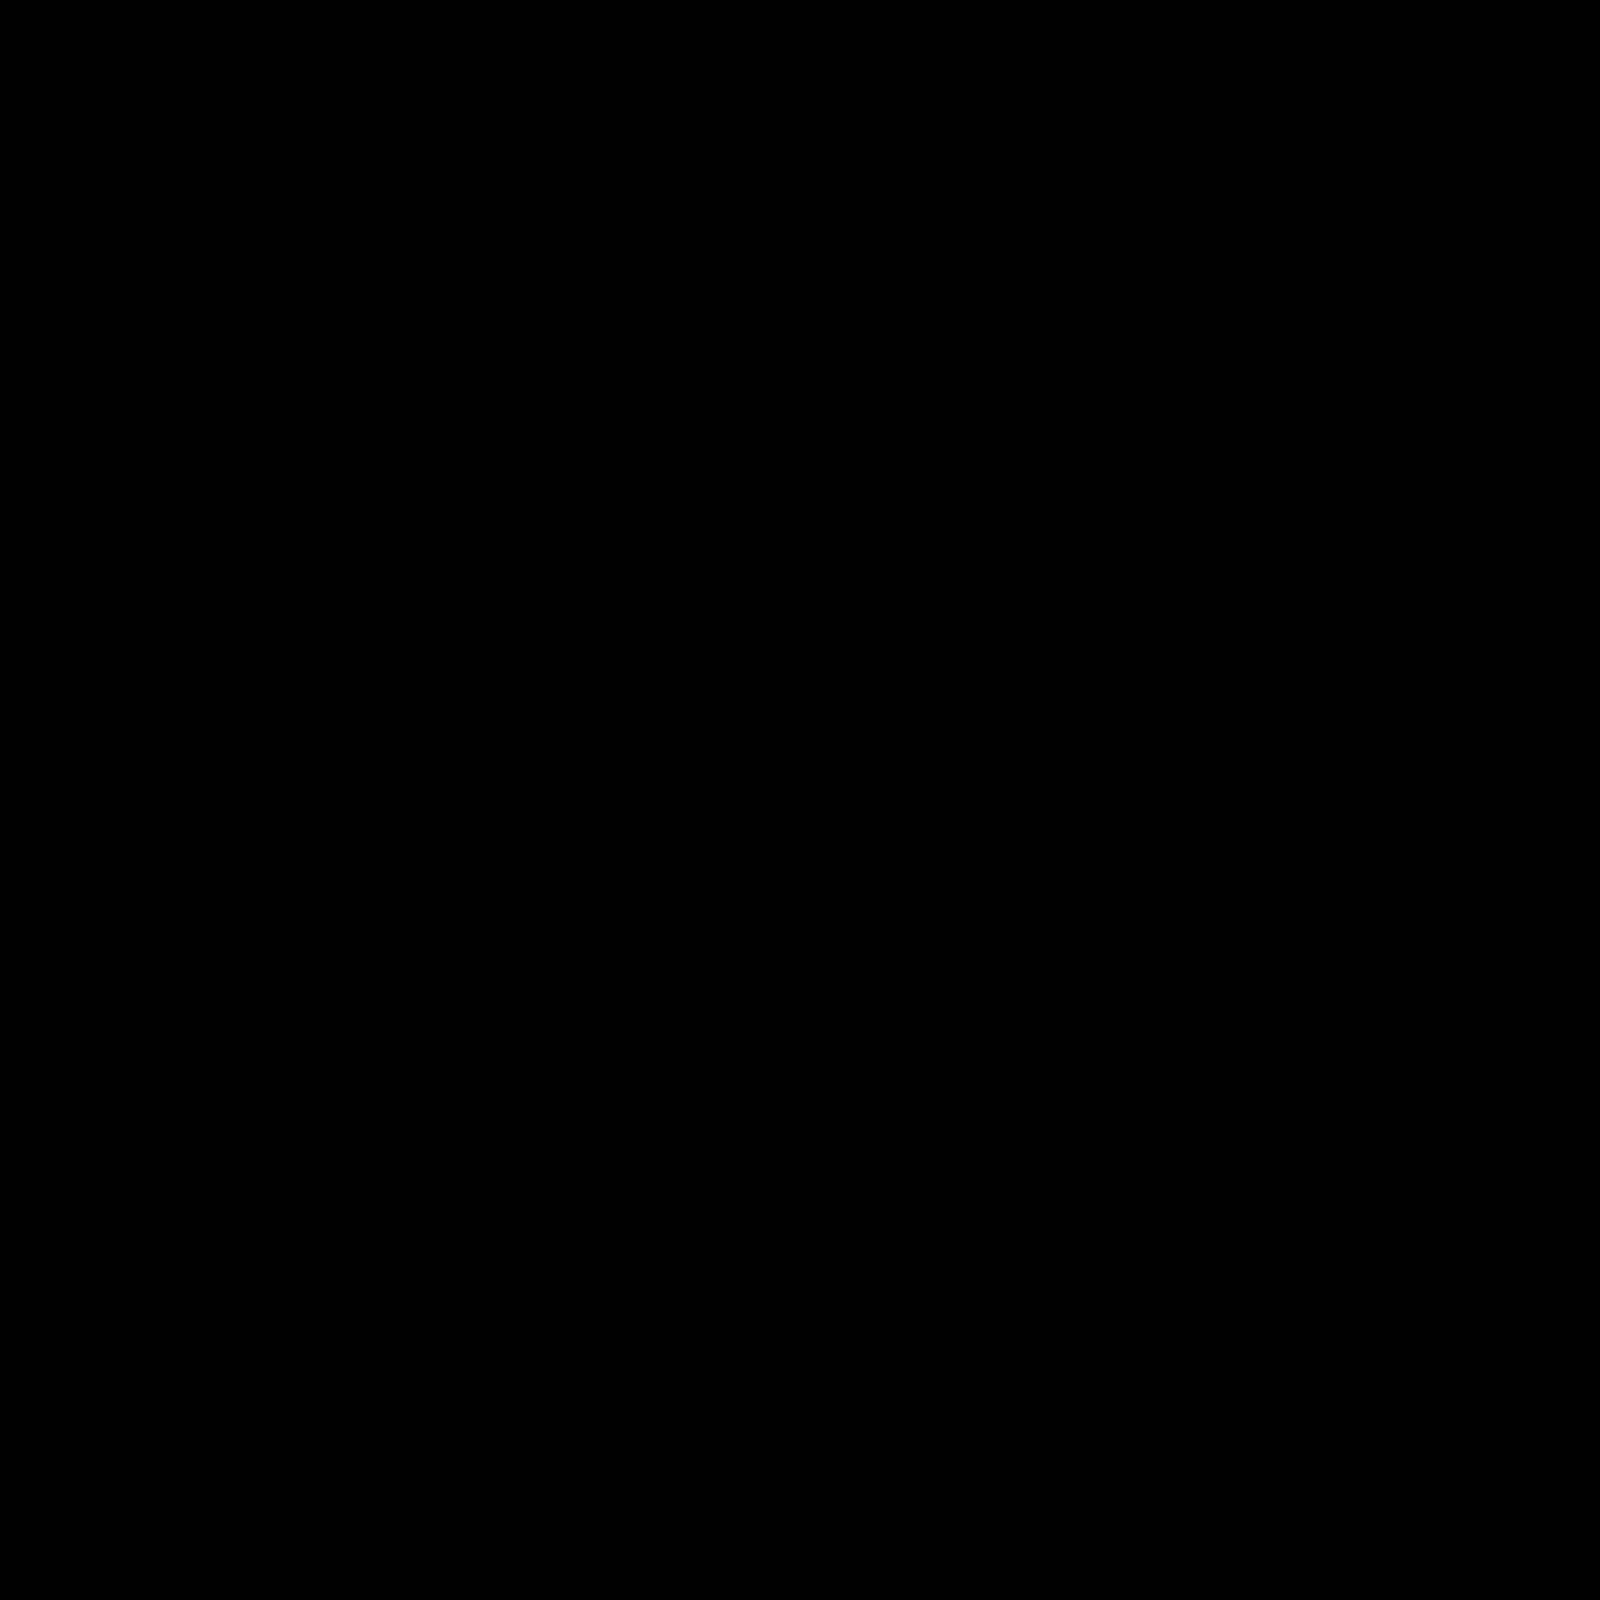 Sheet Metal Filled icon